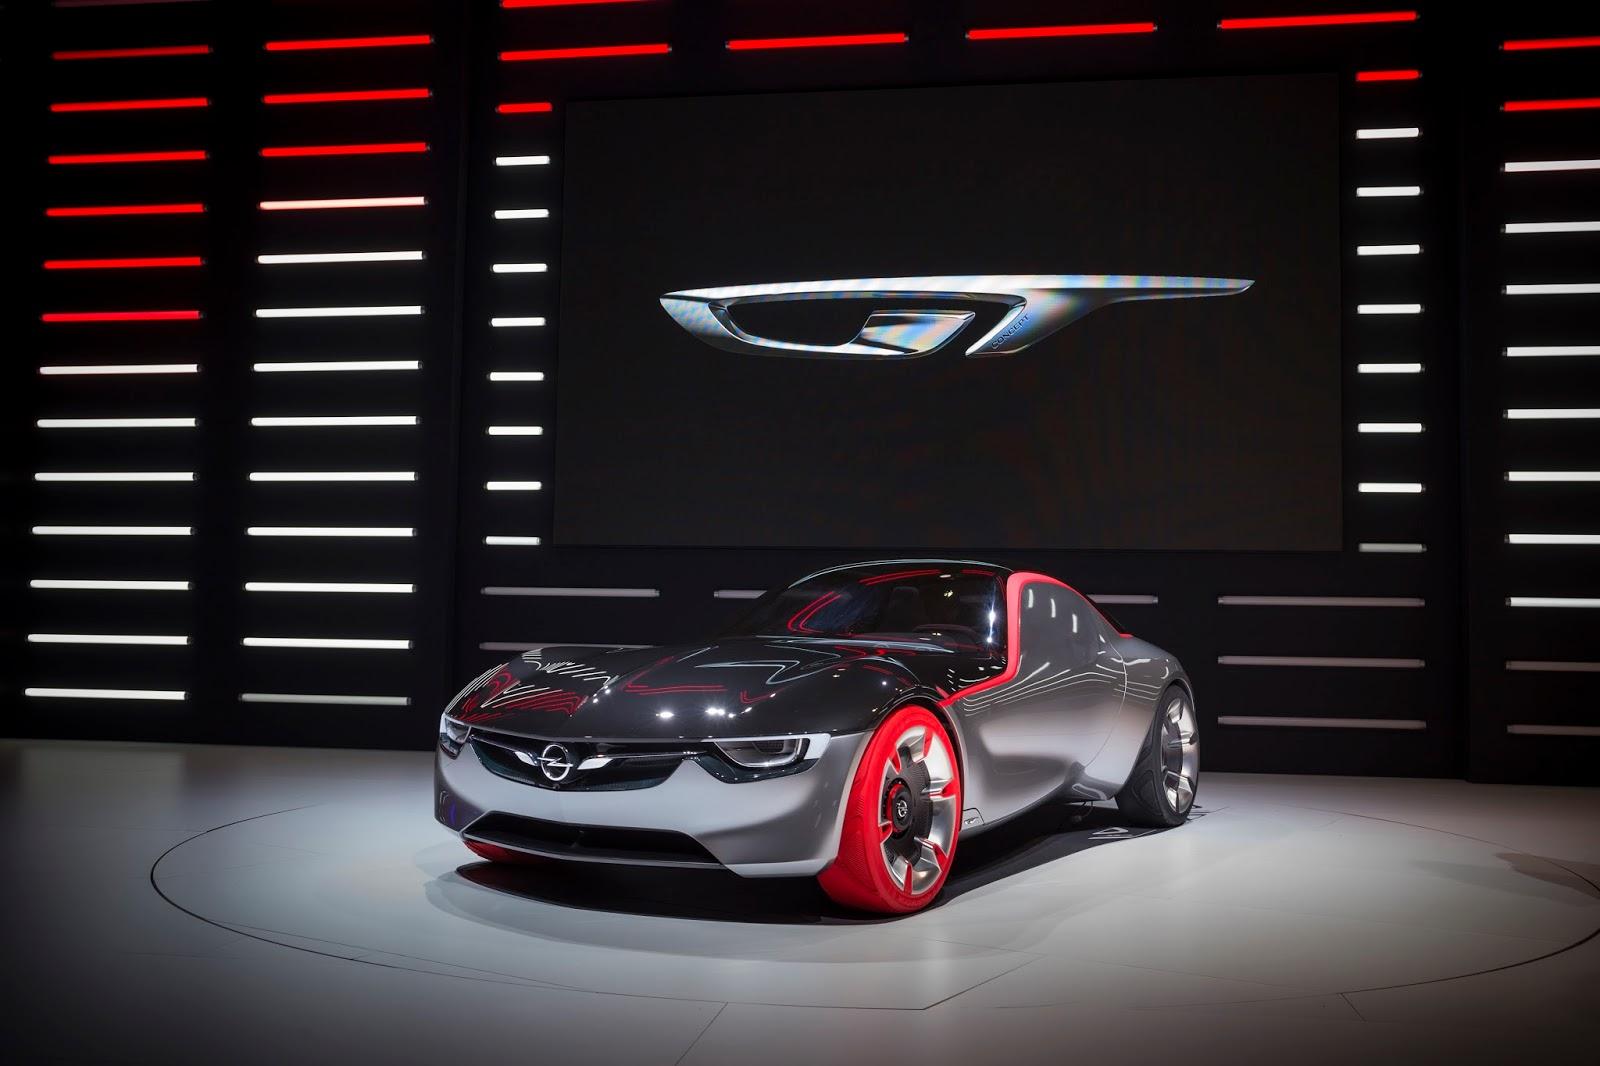 Geneva Opel GT Concept 298799 Το Opel GT concept βραβεύτηκε ως το καλύτερο πρωτότυπο αυτοκίνητο του 2016 Awards, Opel, Opel GT, Opel GT Concept